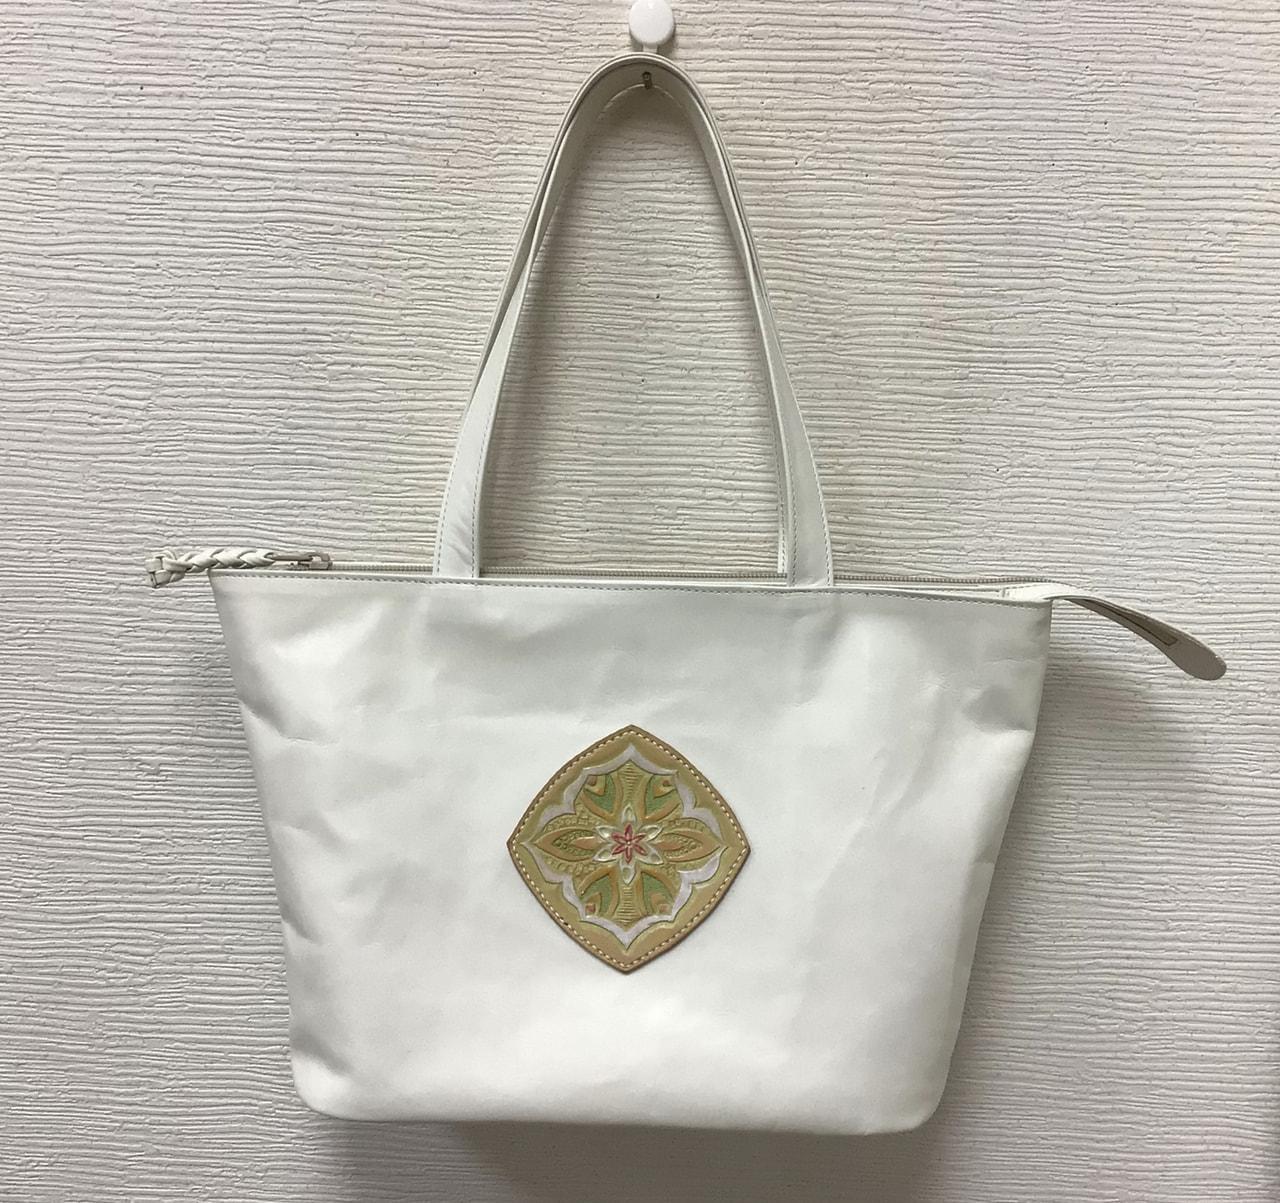 RMさんのバッグ